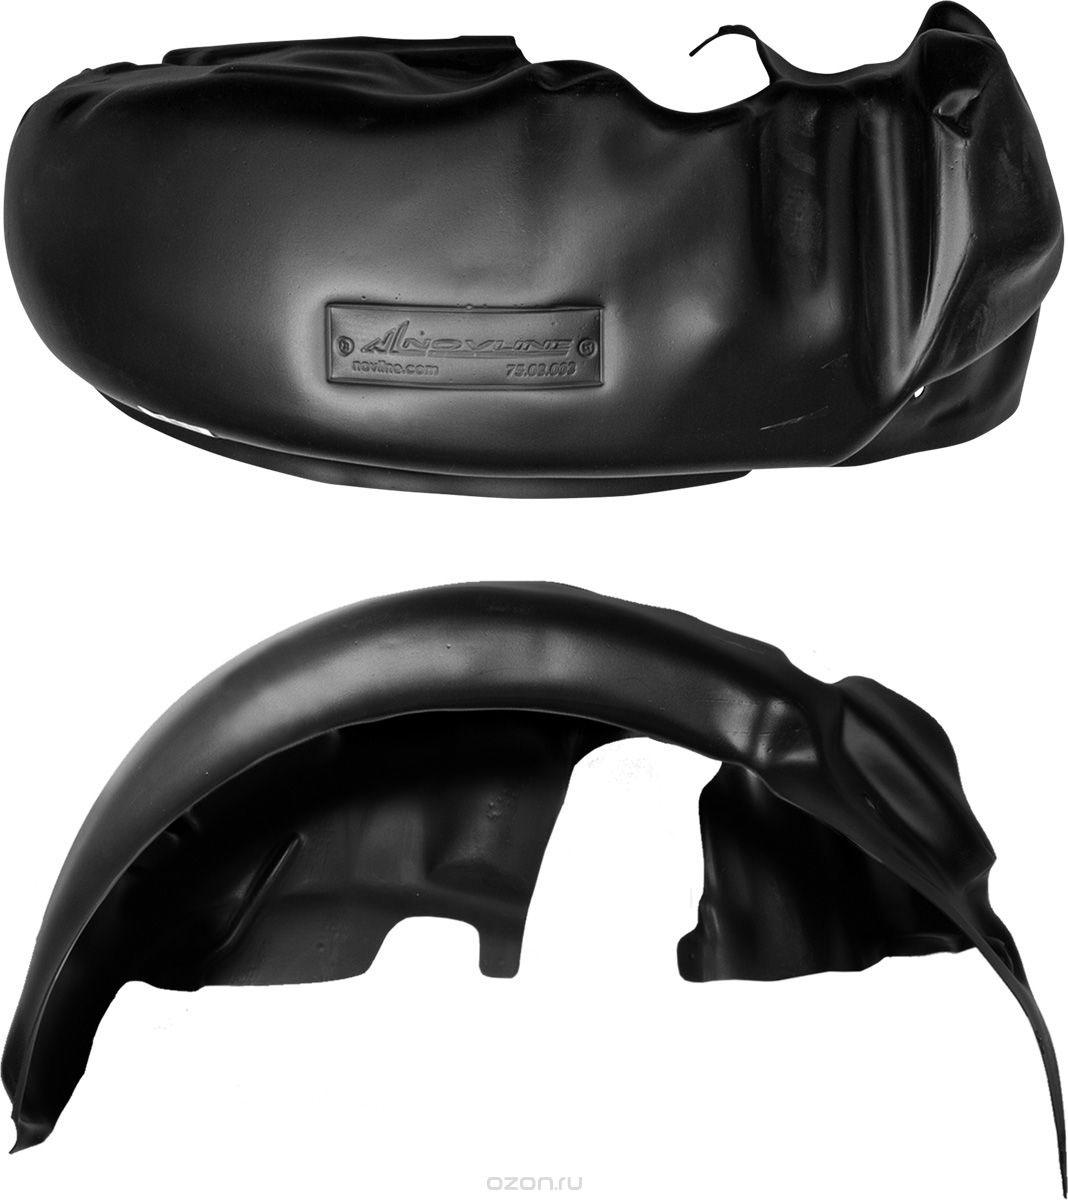 Подкрылок Novline-Autofamily, для Chevrolet NIVA, 2014->, передний левыйNLL.52.28.001Идеальная защита колесной ниши. Локеры разработаны с применением цифровых технологий, гарантируют максимальную повторяемость поверхности арки. Изделия устанавливаются без нарушения лакокрасочного покрытия автомобиля, каждый подкрылок комплектуется крепежом. Уважаемые клиенты, обращаем ваше внимание, что фотографии на подкрылки универсальные и не отражают реальную форму изделия. При этом само изделие идет точно под размер указанного автомобиля.